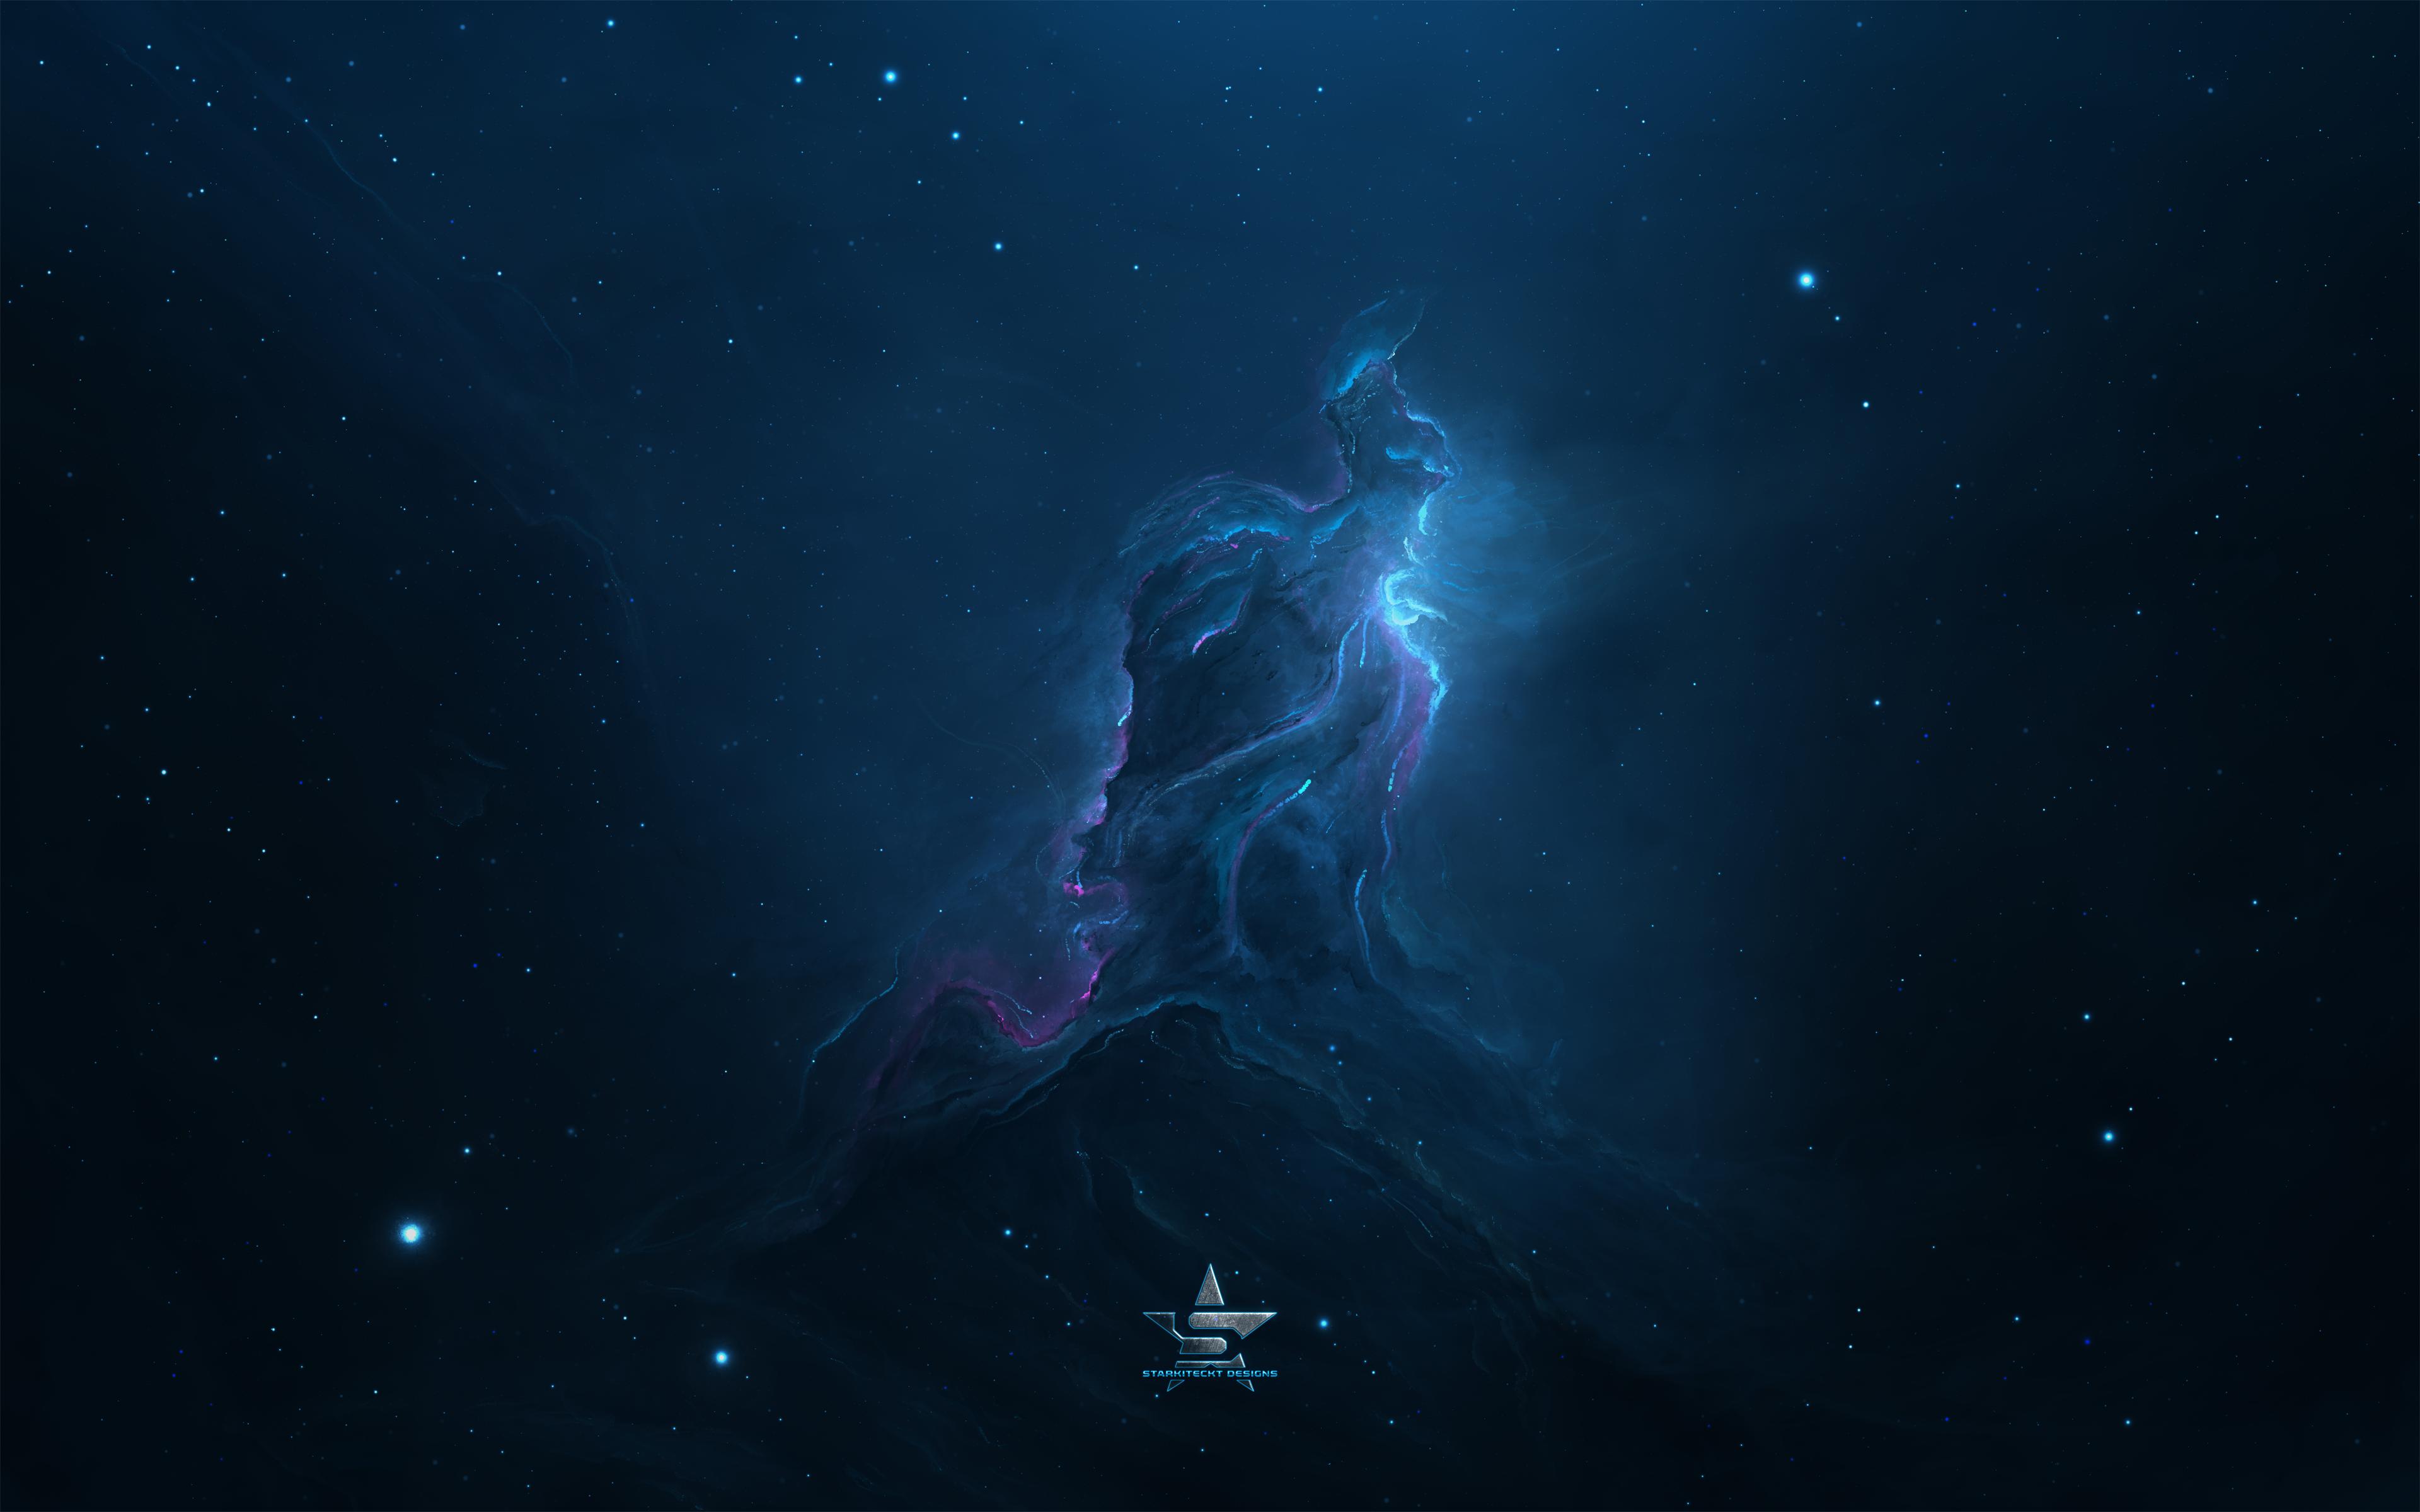 Atlantis Nebula 6